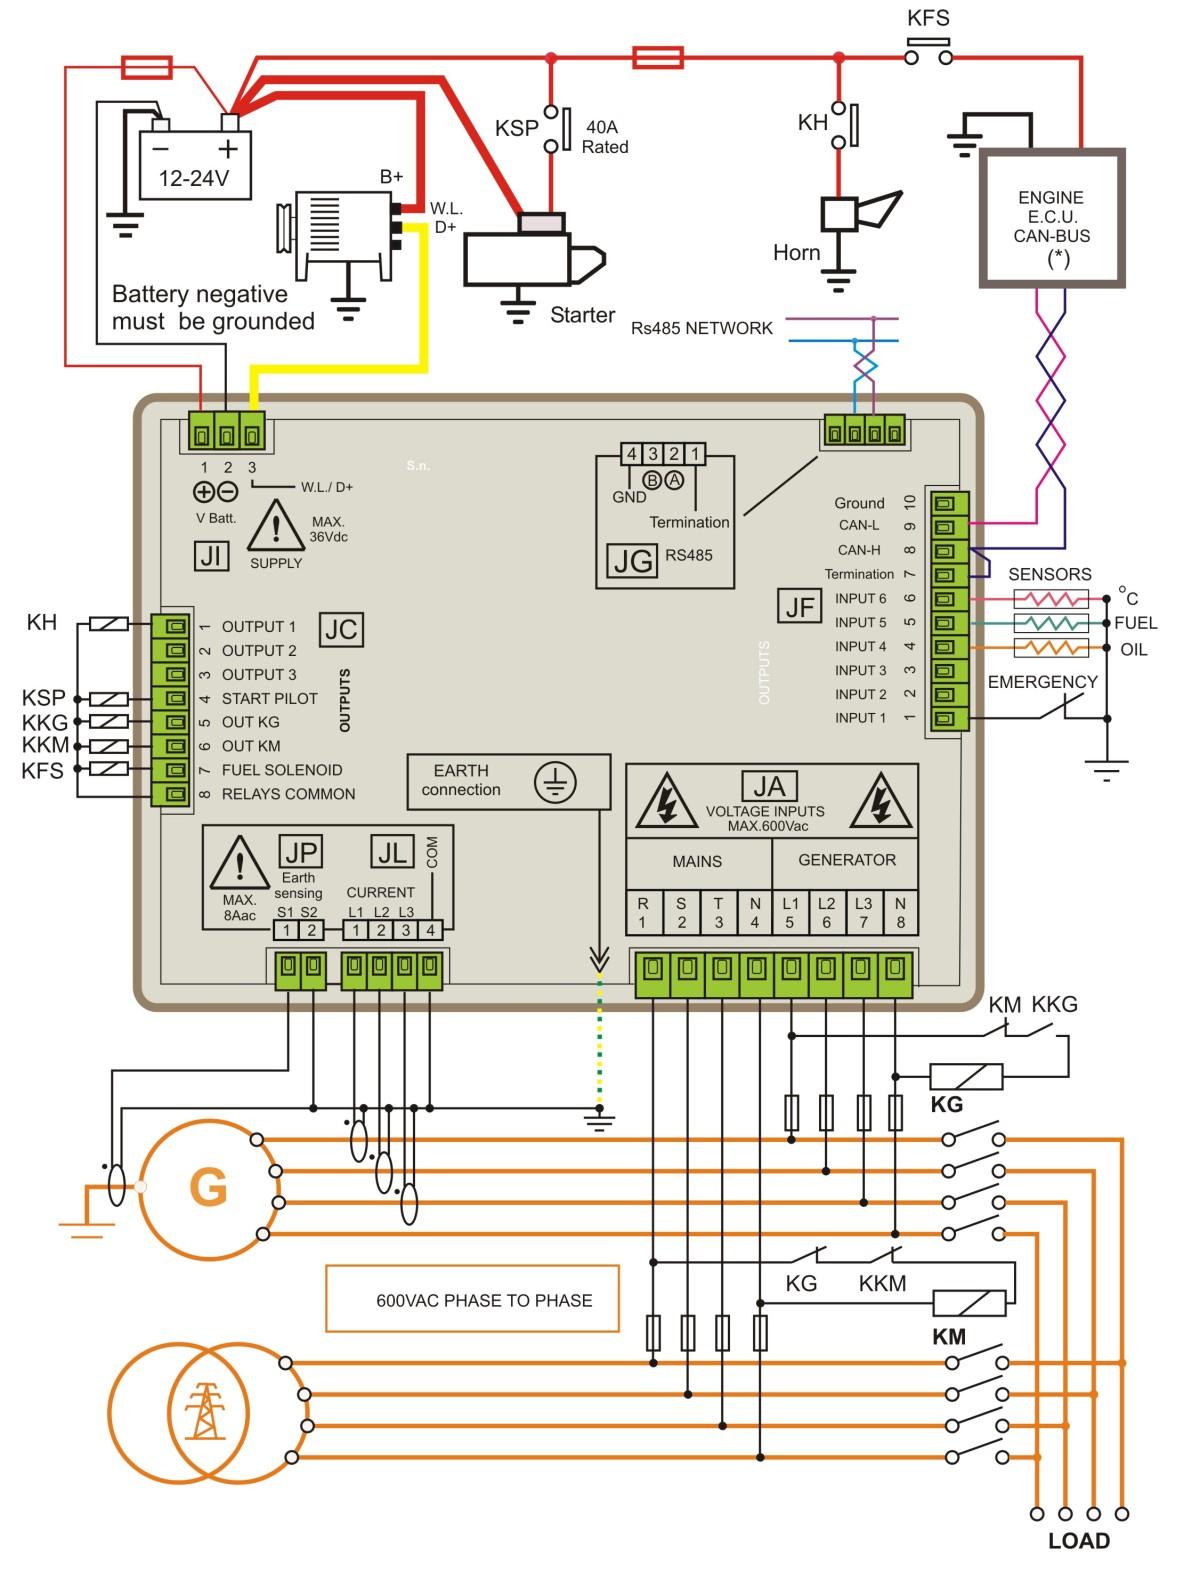 Generator Control Panel Wiring Diagram - Wiring Diagram Explained - Generator Wiring Diagram